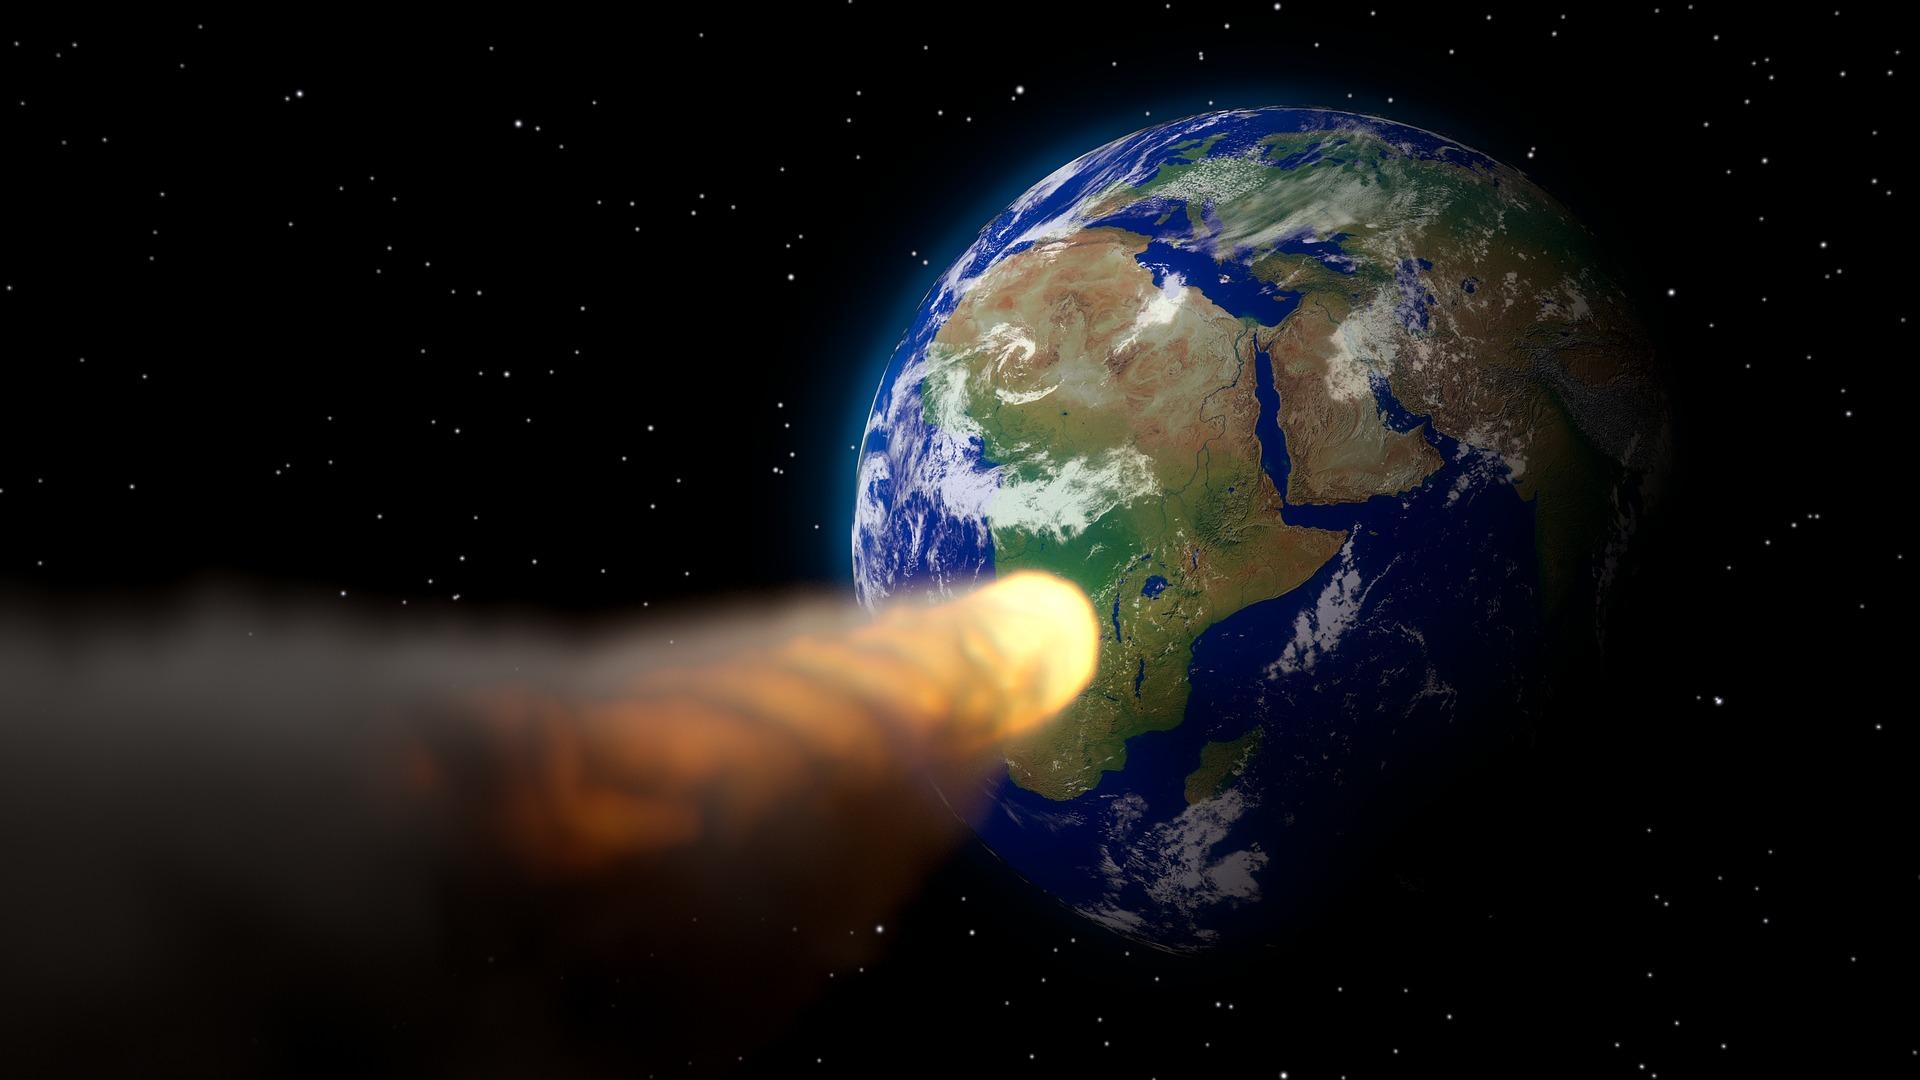 Nunca un asteroide tan grande pasó tan cerca de la Tierra como este viernes